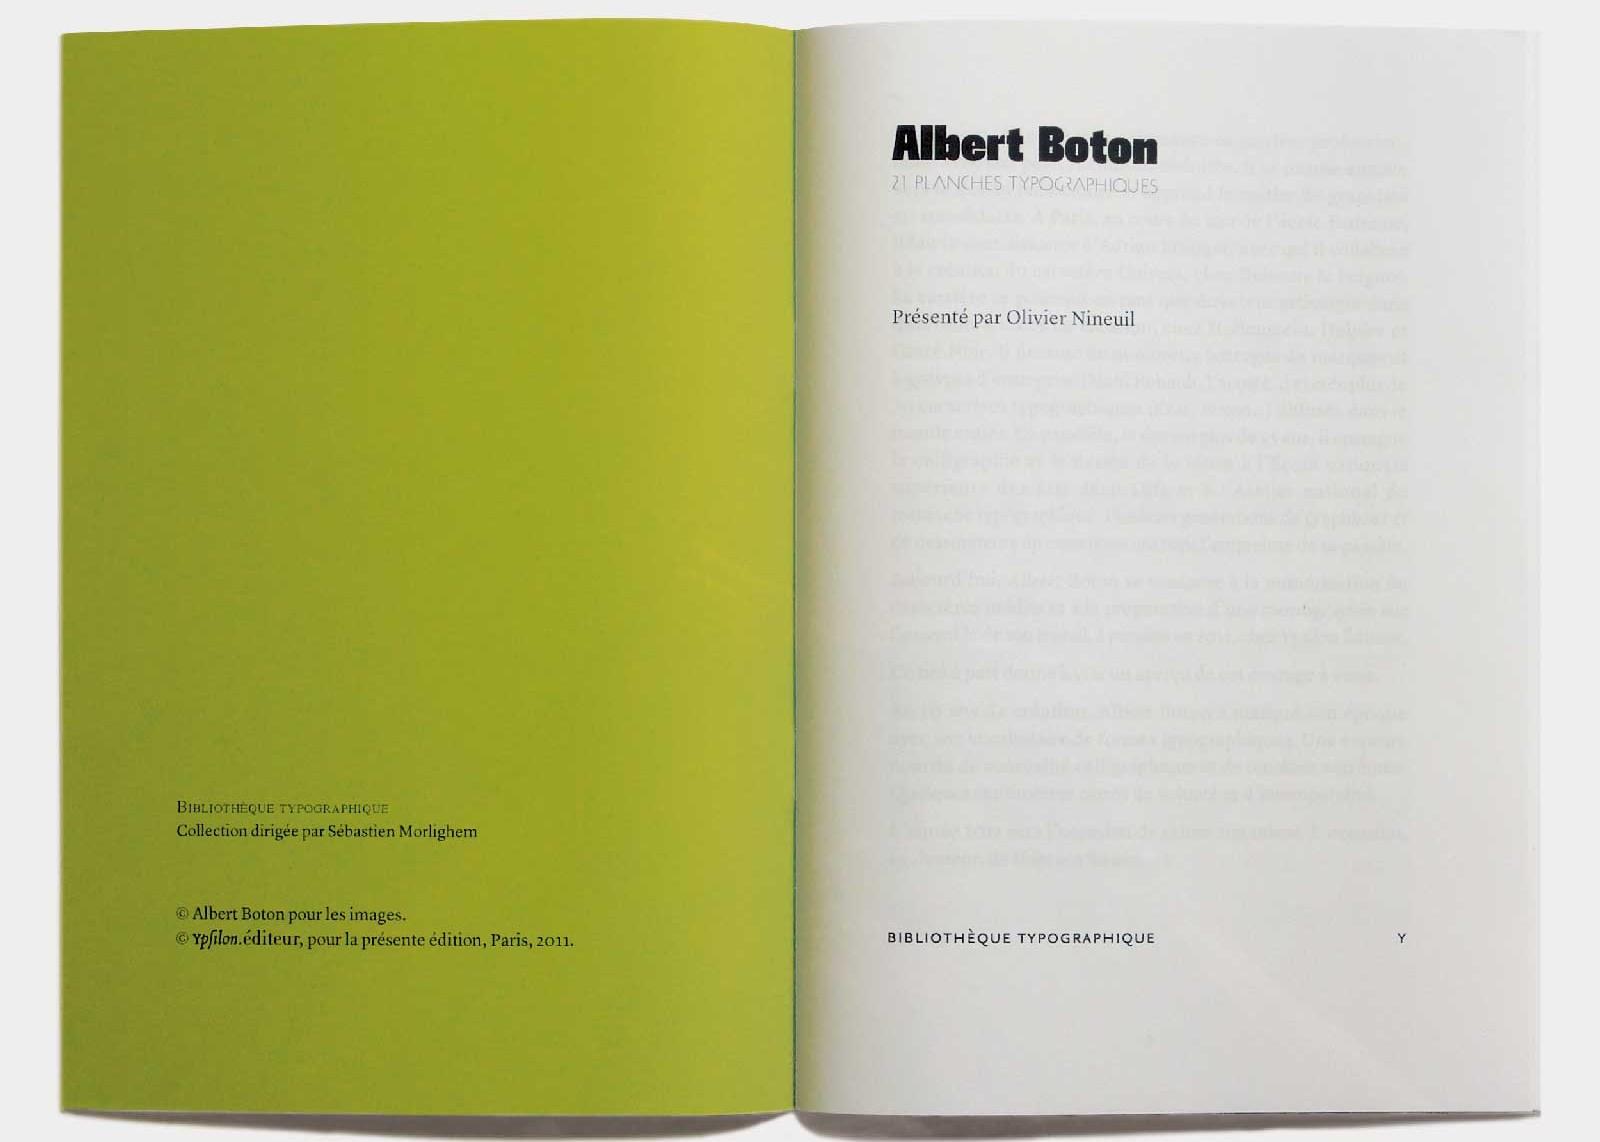 Page de titre, collection Bibliothèque typographique.